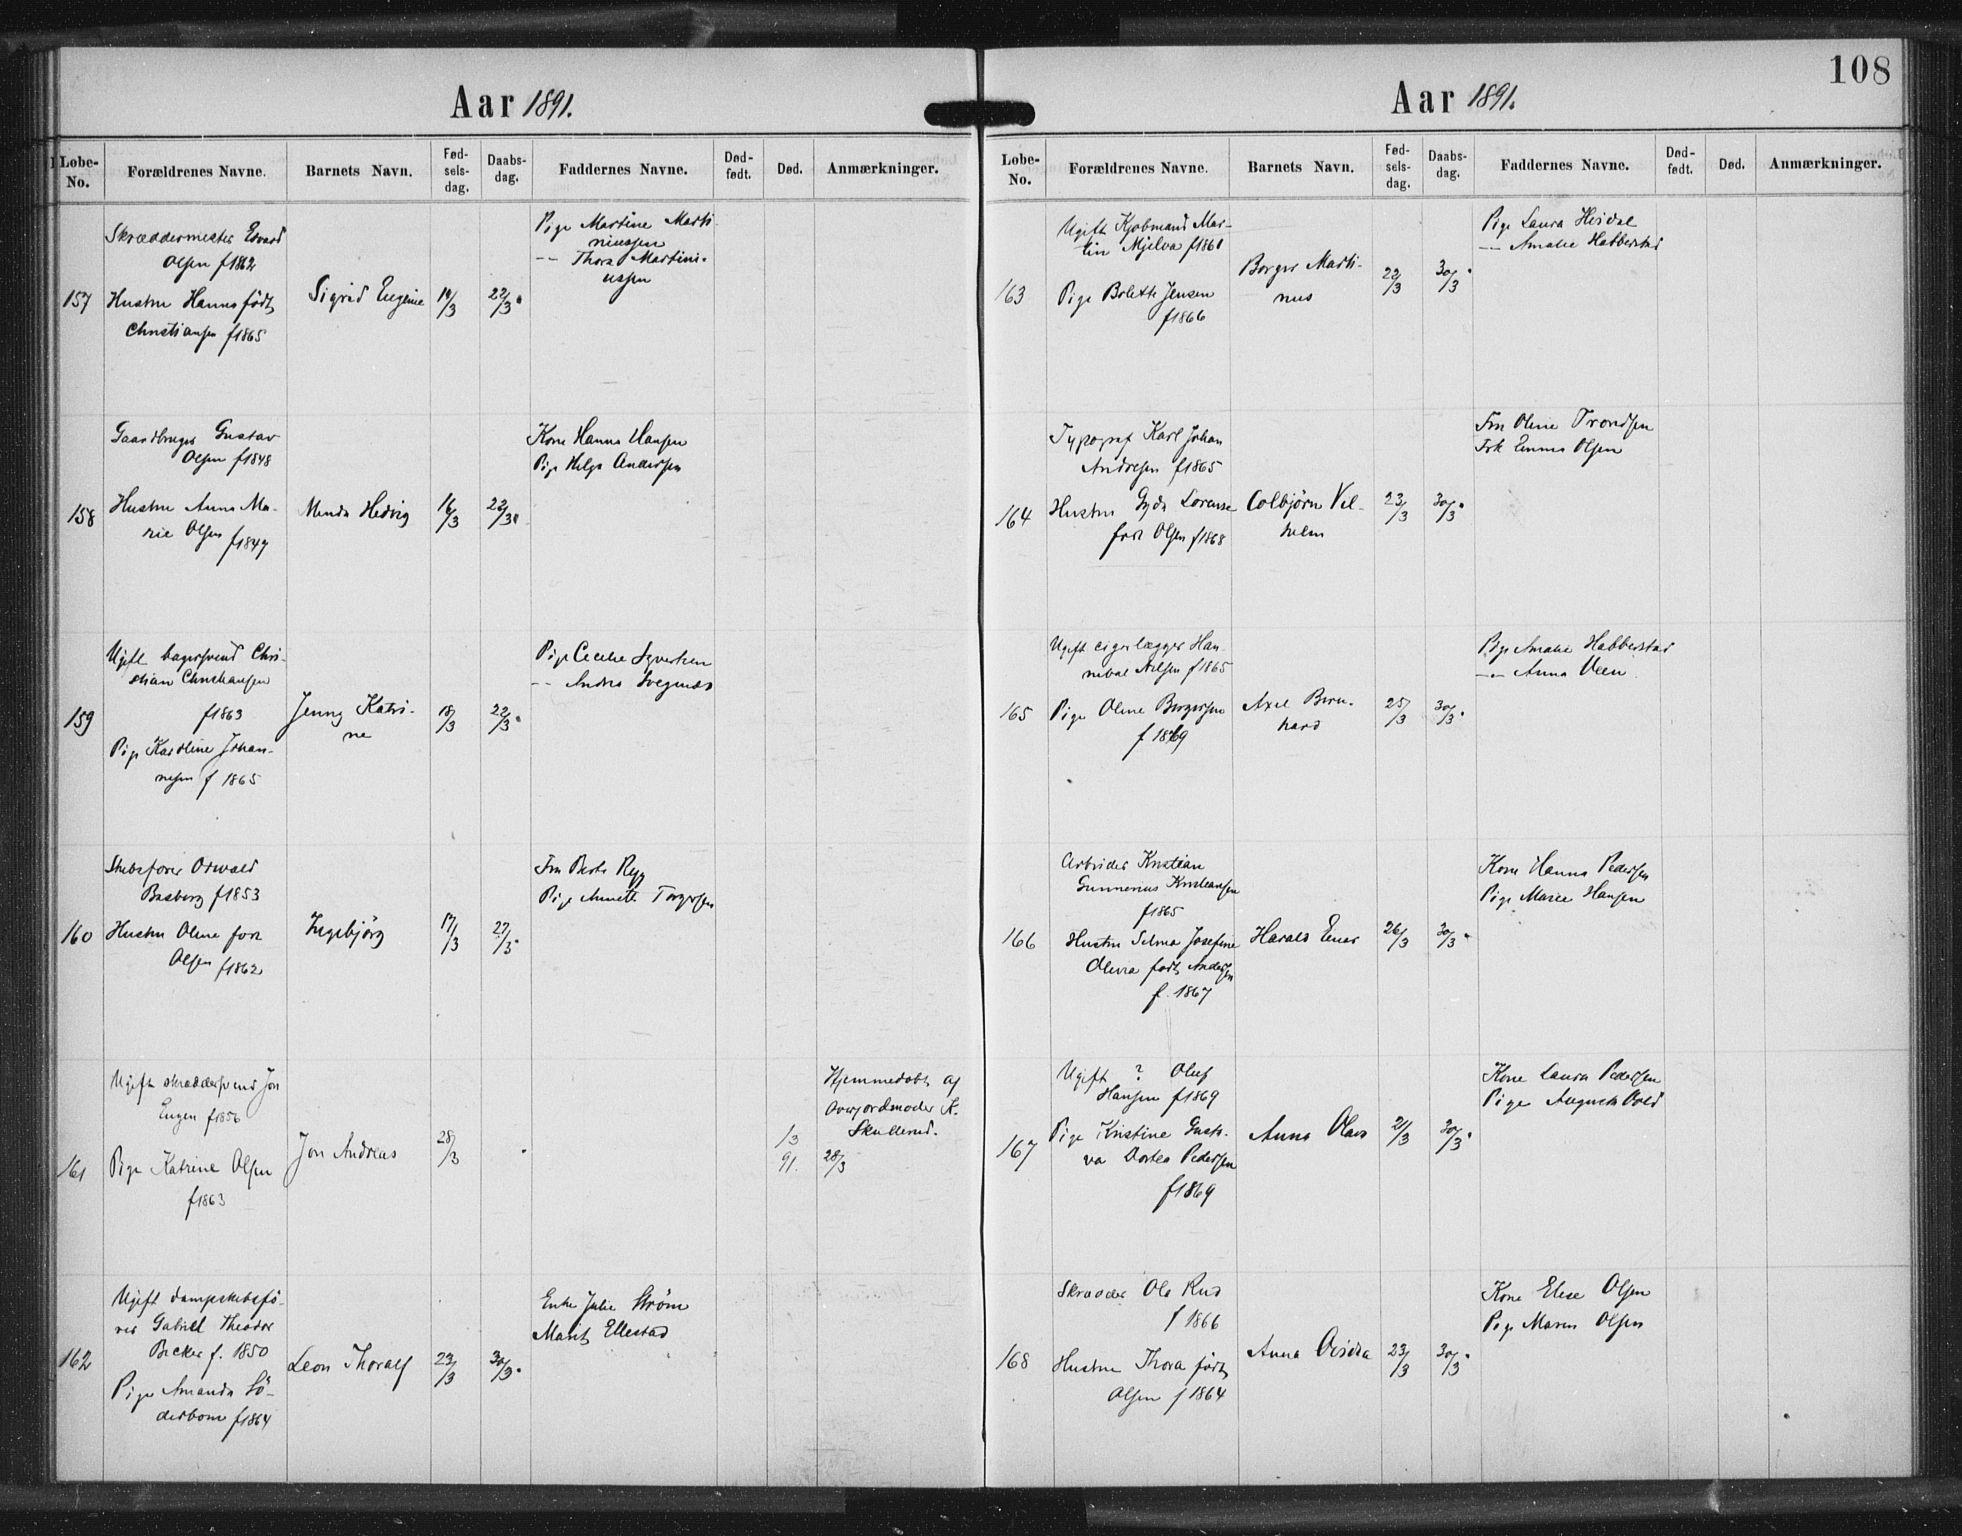 SAO, Rikshospitalet prestekontor Kirkebøker, K/L0003/0003: Dåpsbok nr. 3.3, 1889-1892, s. 108